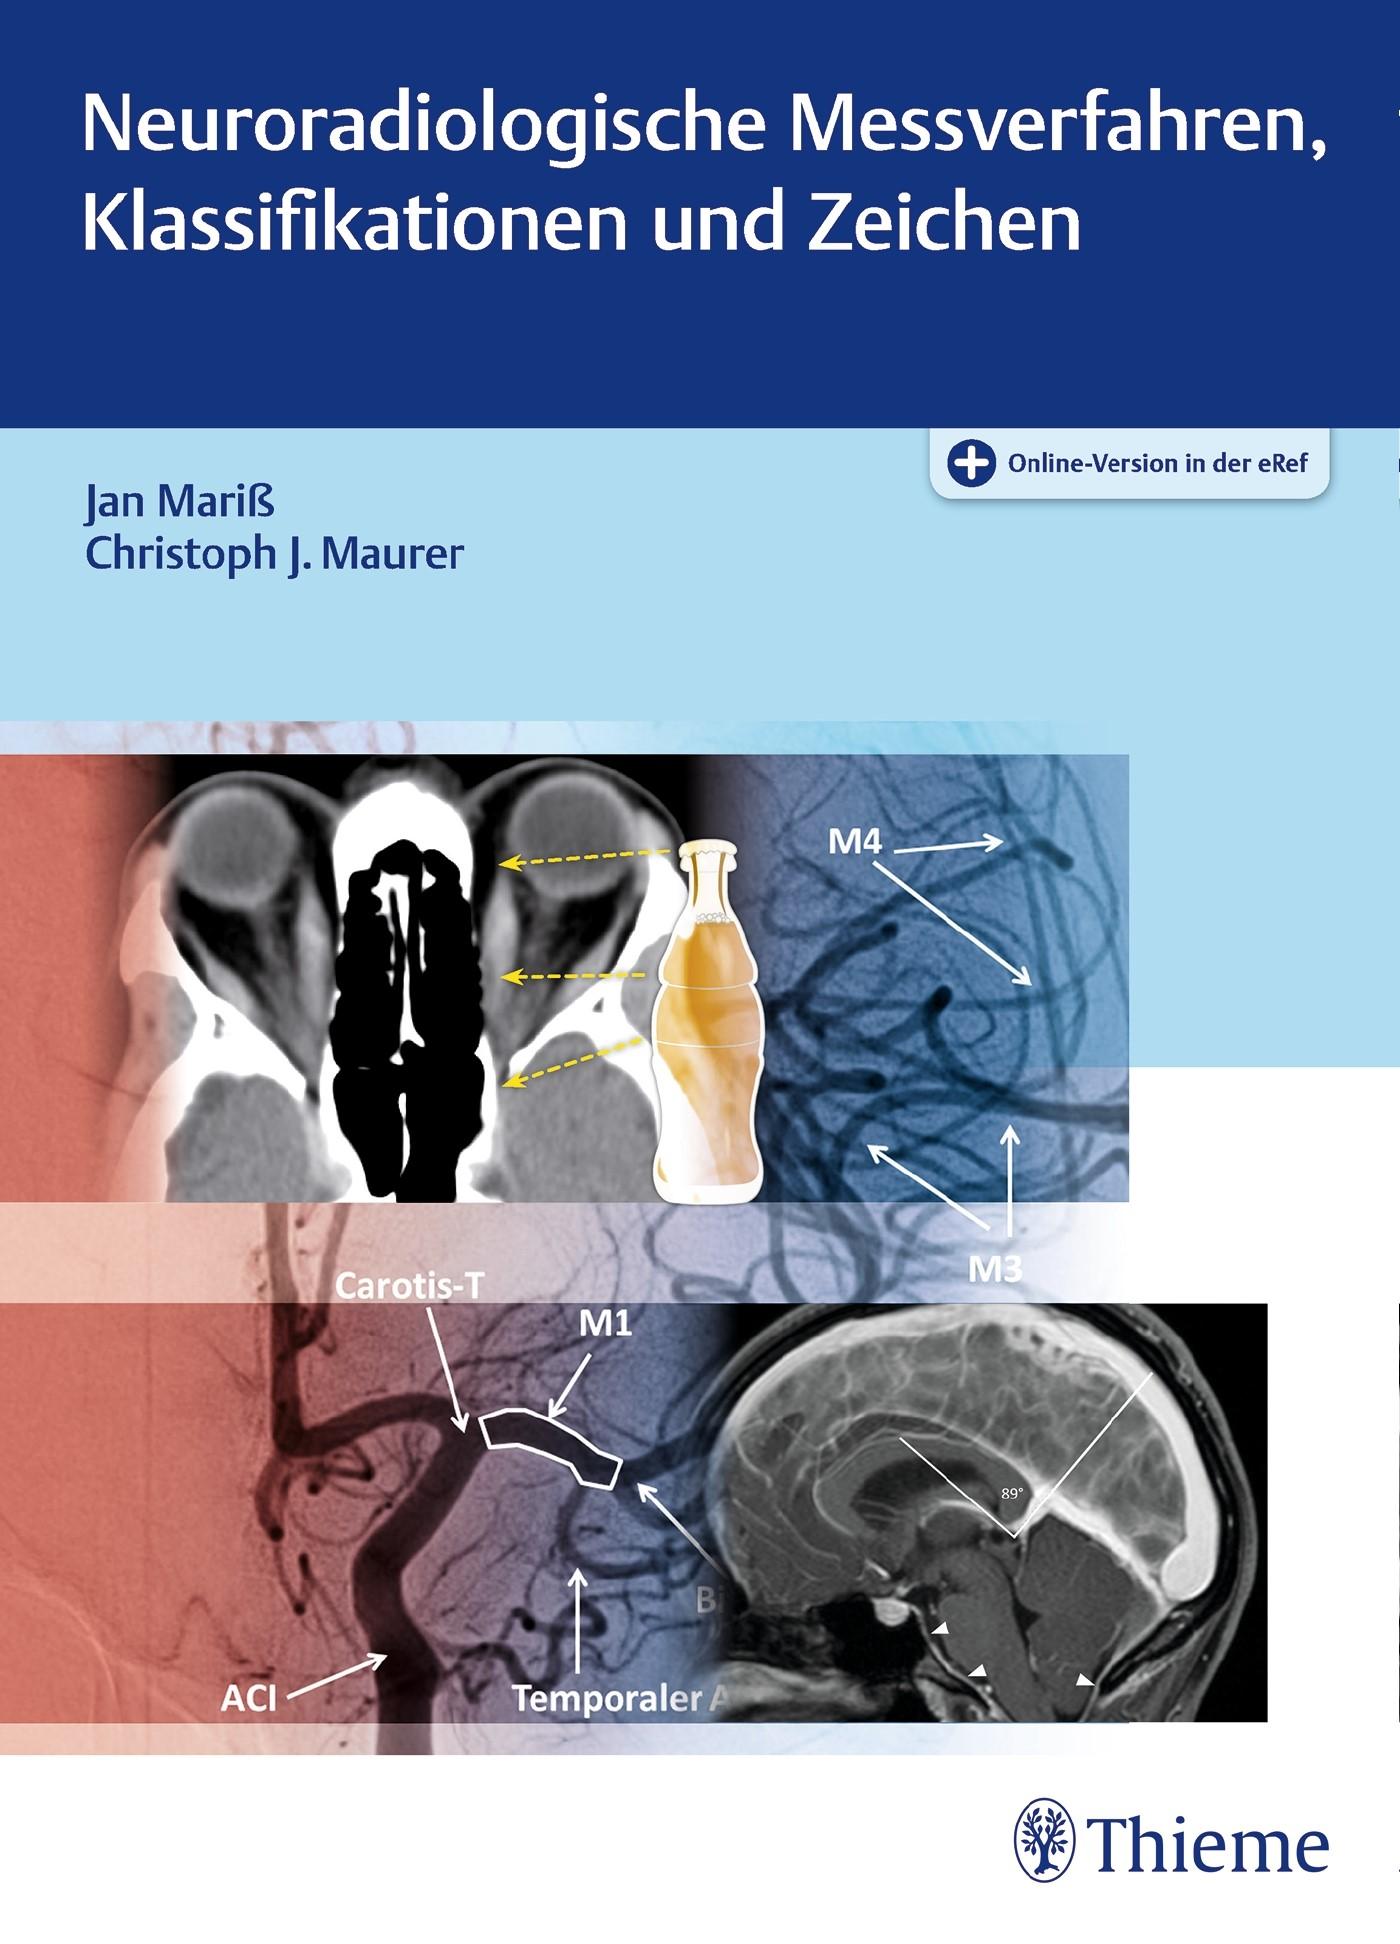 Neuroradiologische Messverfahren, Klassifikationen und Zeichen | Mariß / Maurer, 2017 (Cover)